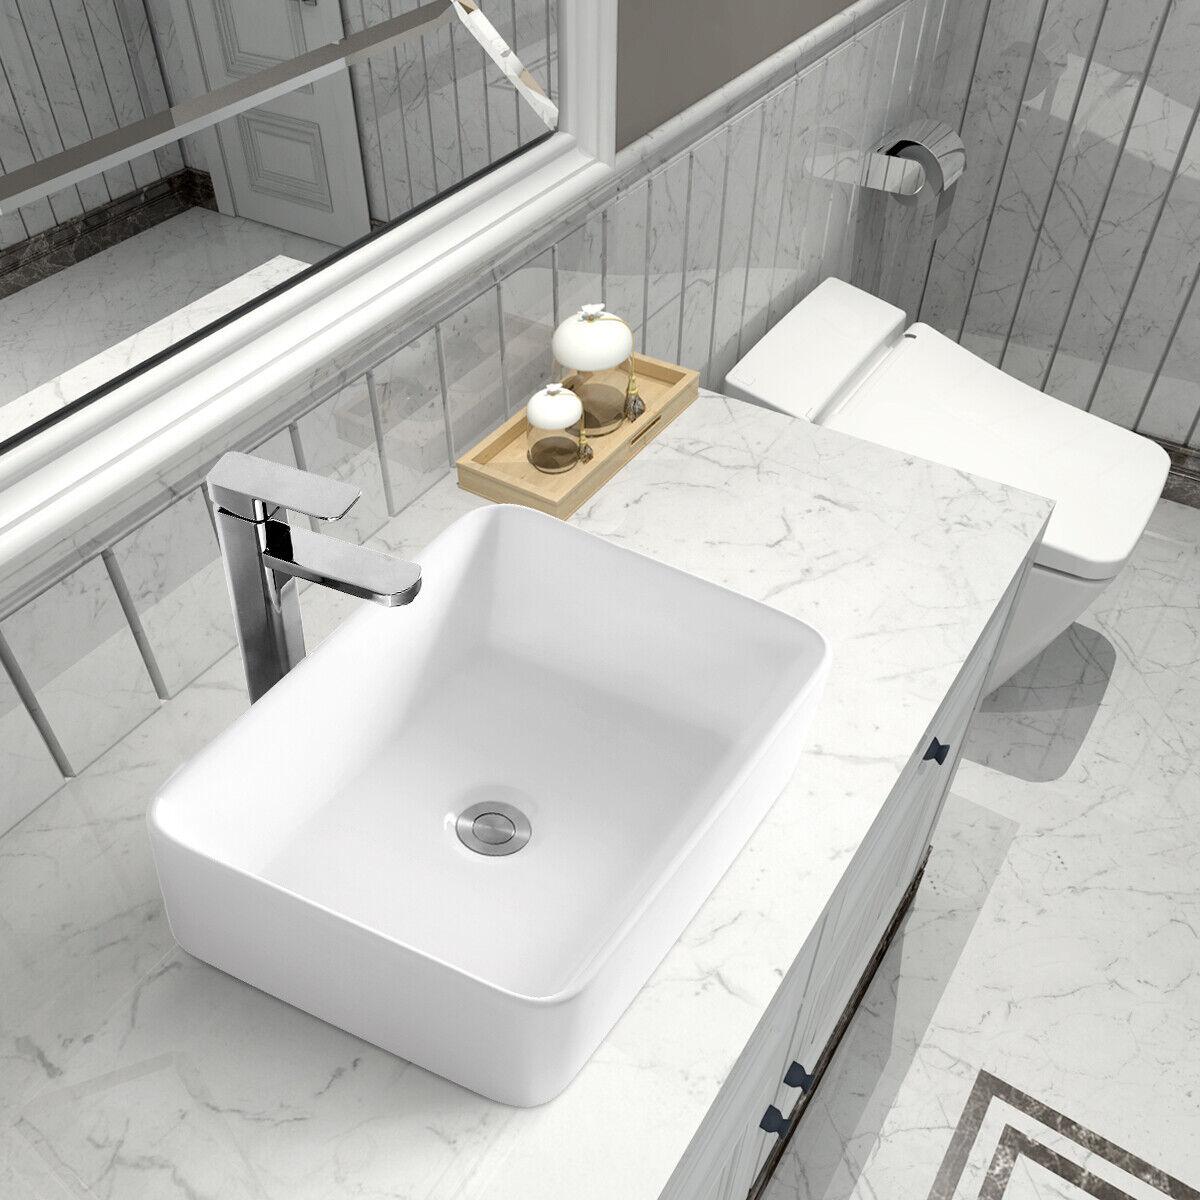 Rectangle Bathroom Vanity Ceramic Above Counter Art Basin Porcelain Vessel Sink For Sale Online Ebay